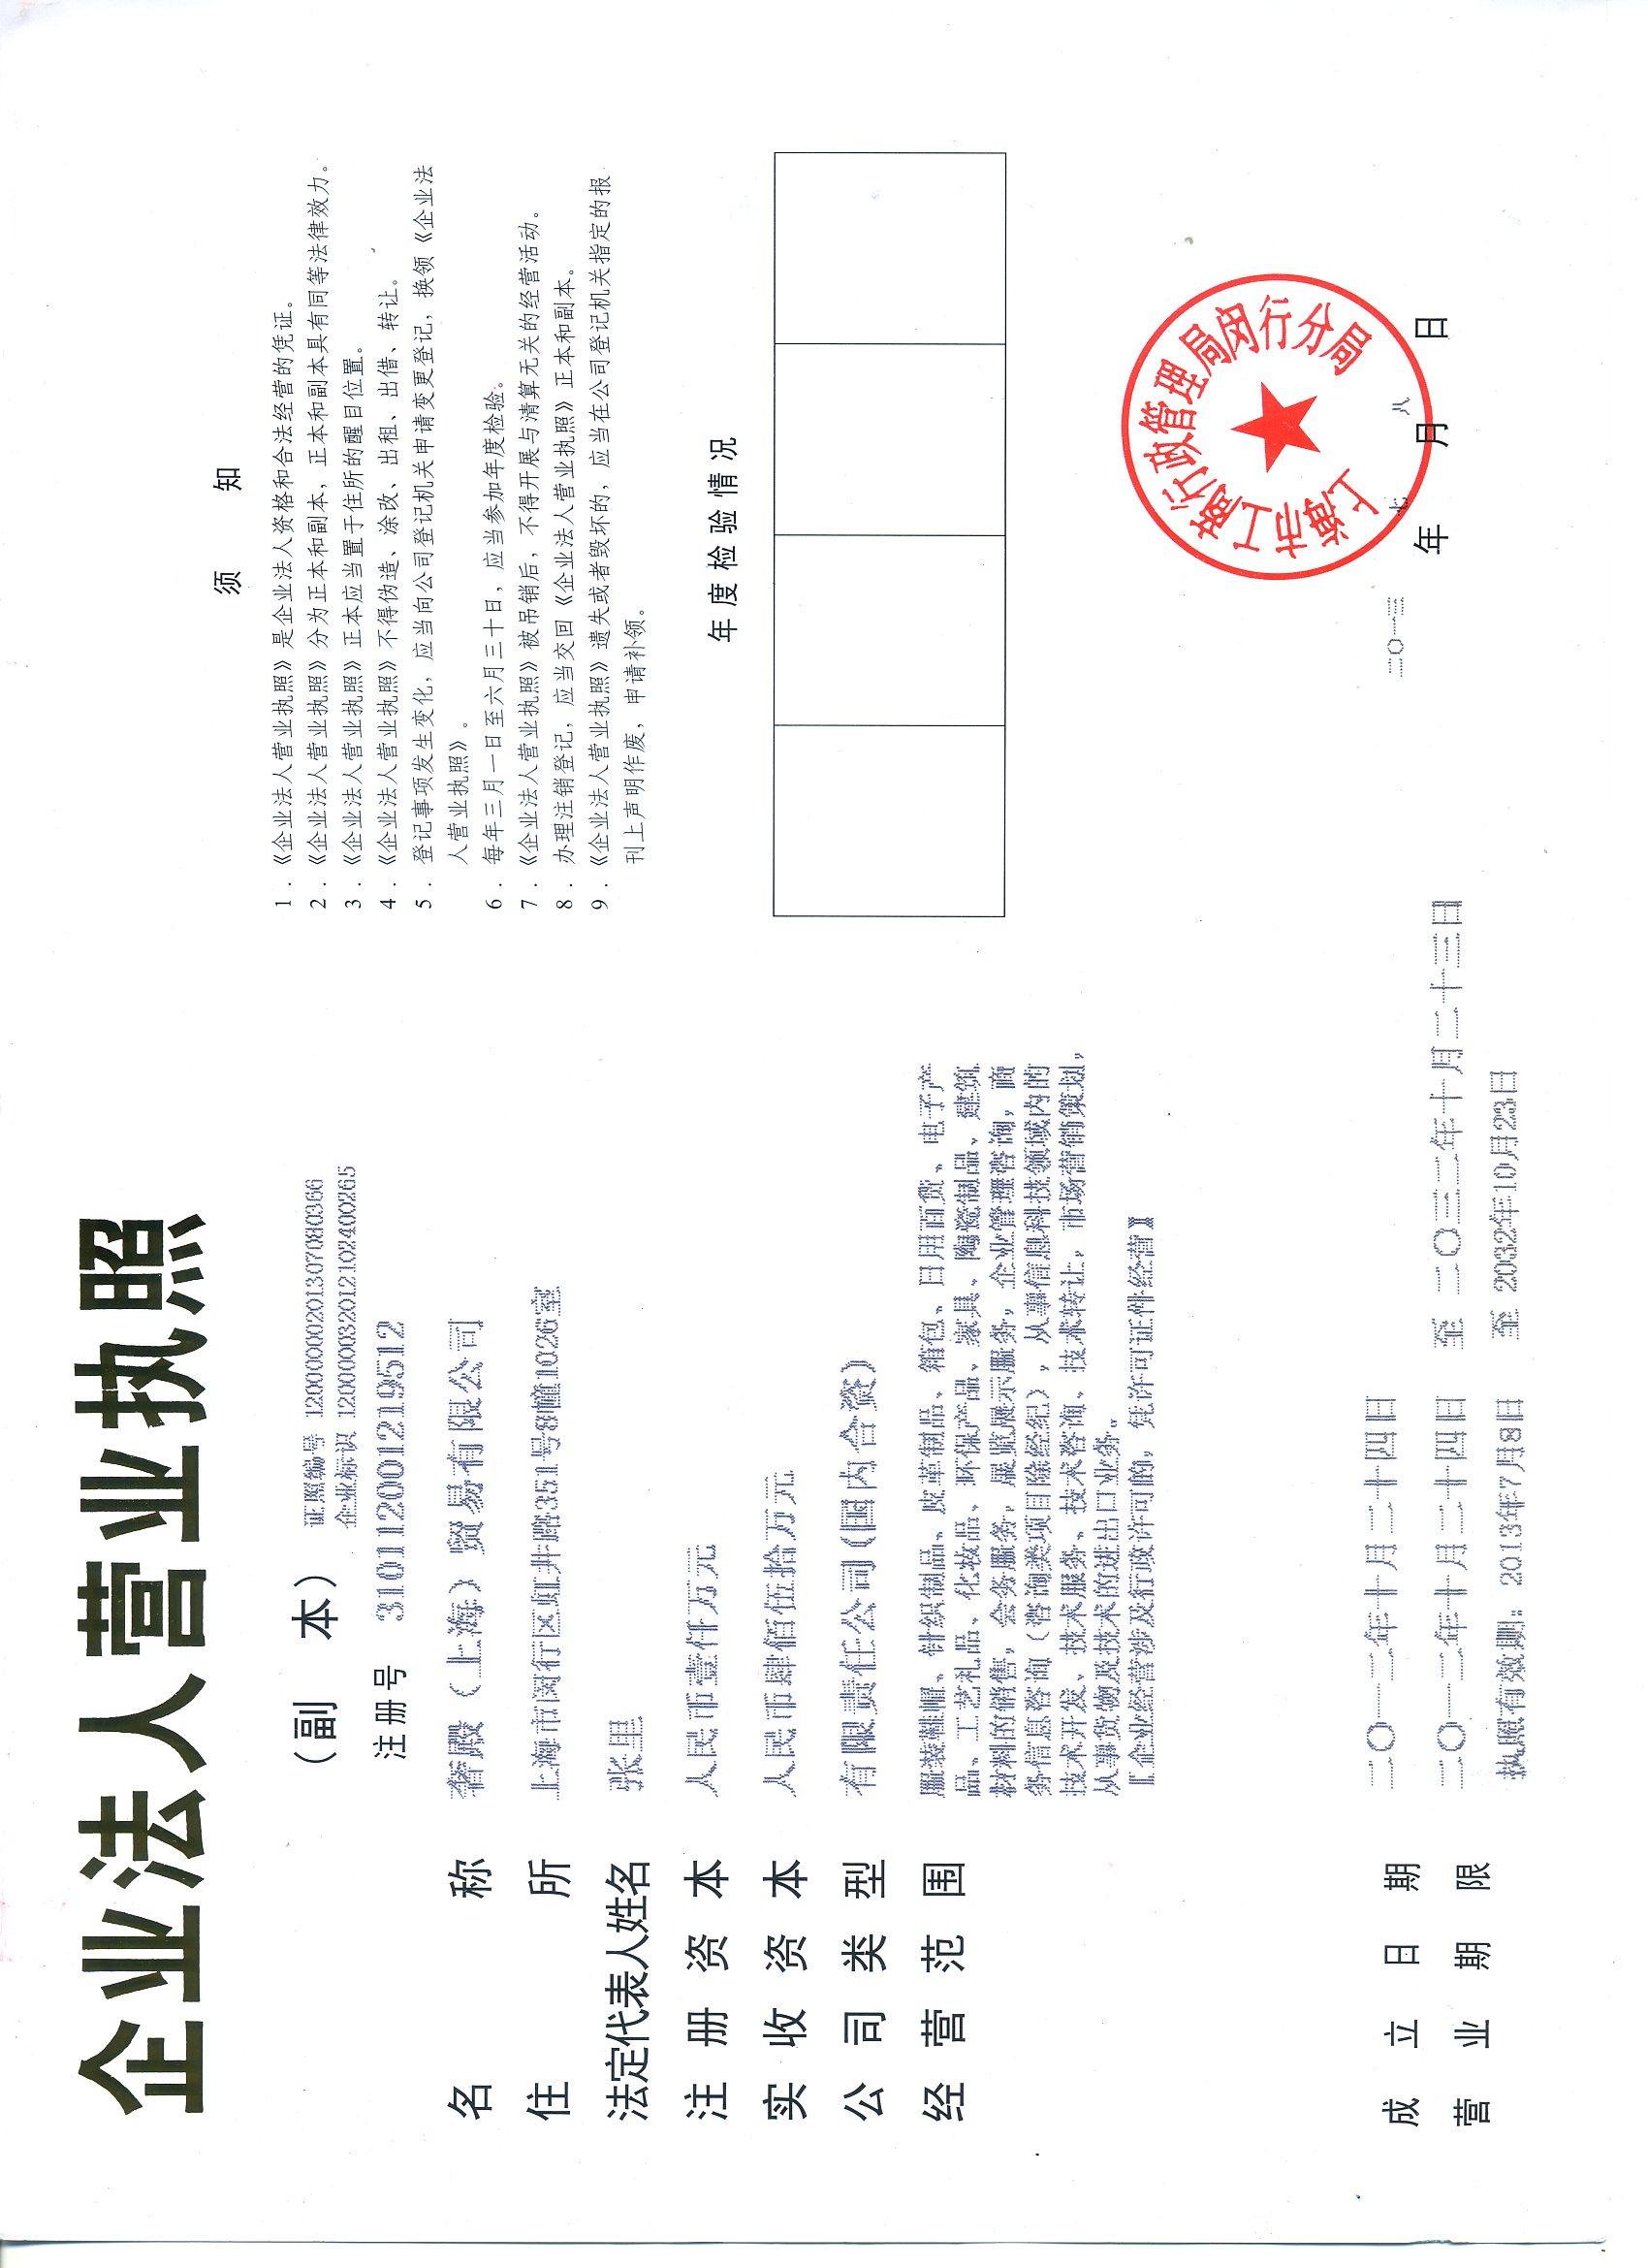 奢殿(上海)贸易有限公司企业档案